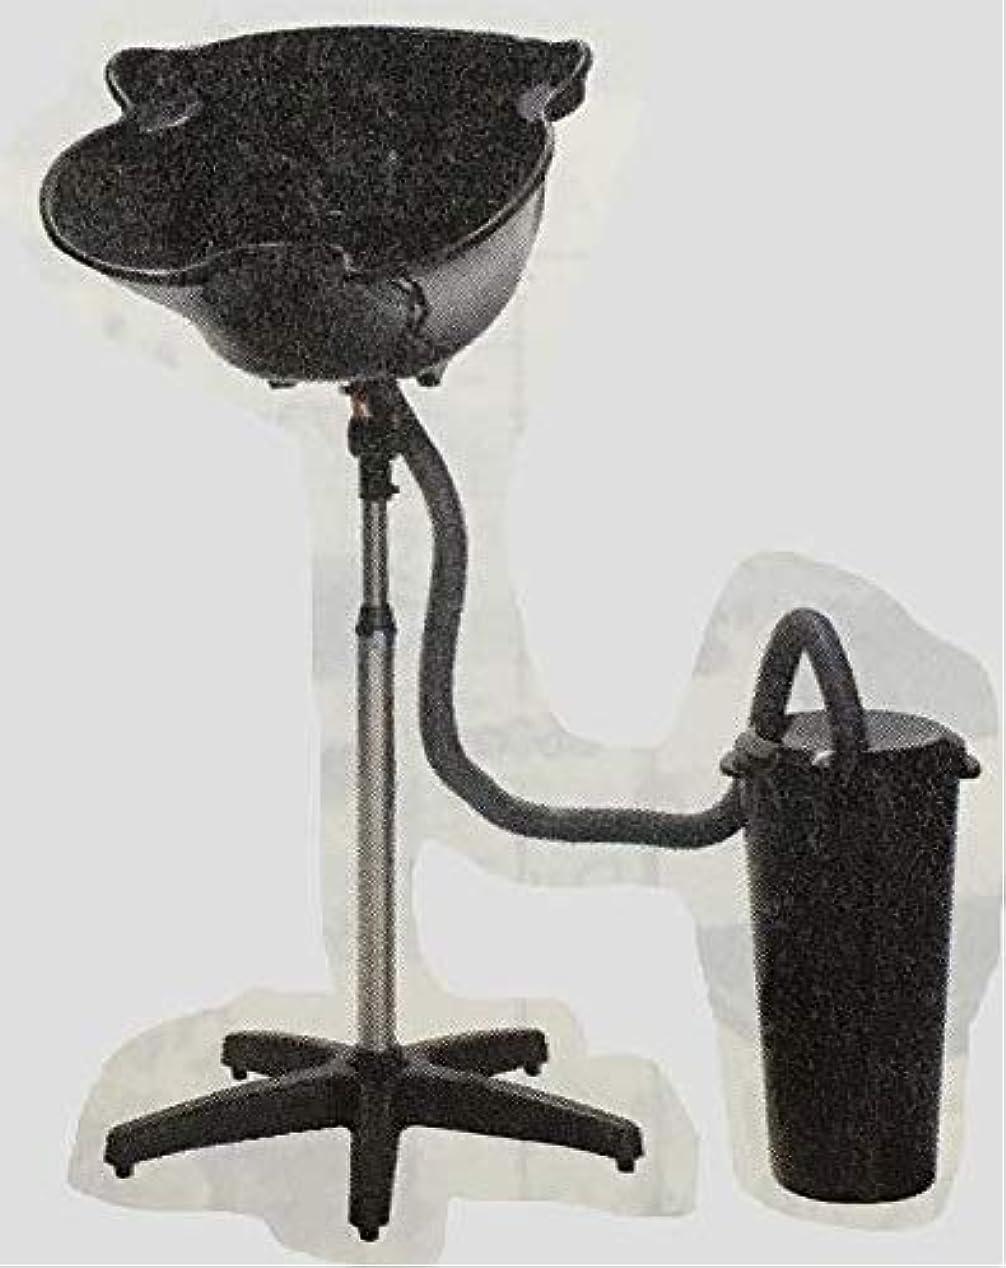 ユーモラス敷居検出可能簡易式シャンプー台 (排水バケツ付)